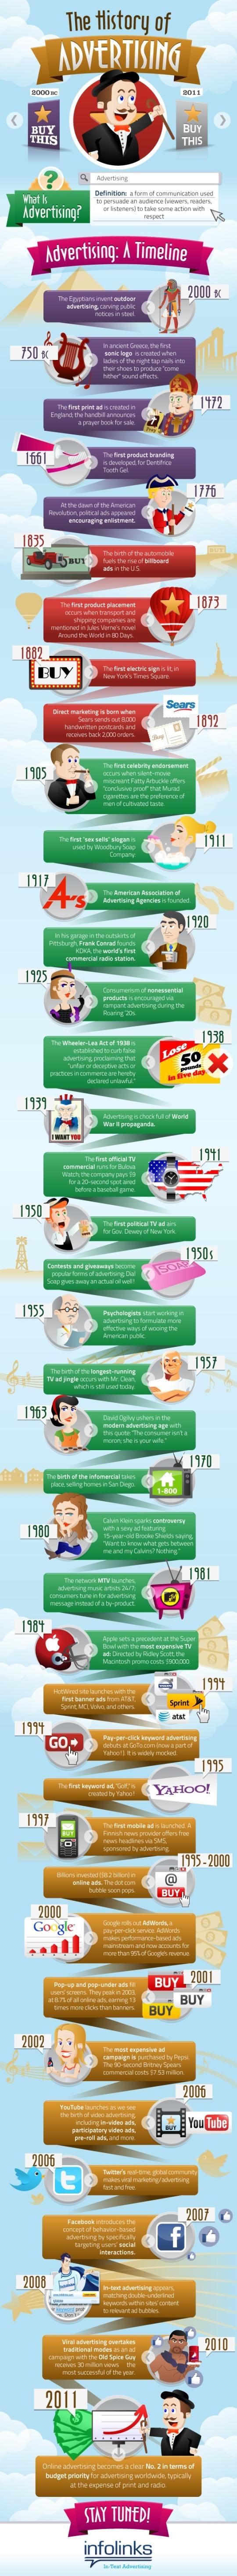 Historia y evlución de la publicidad